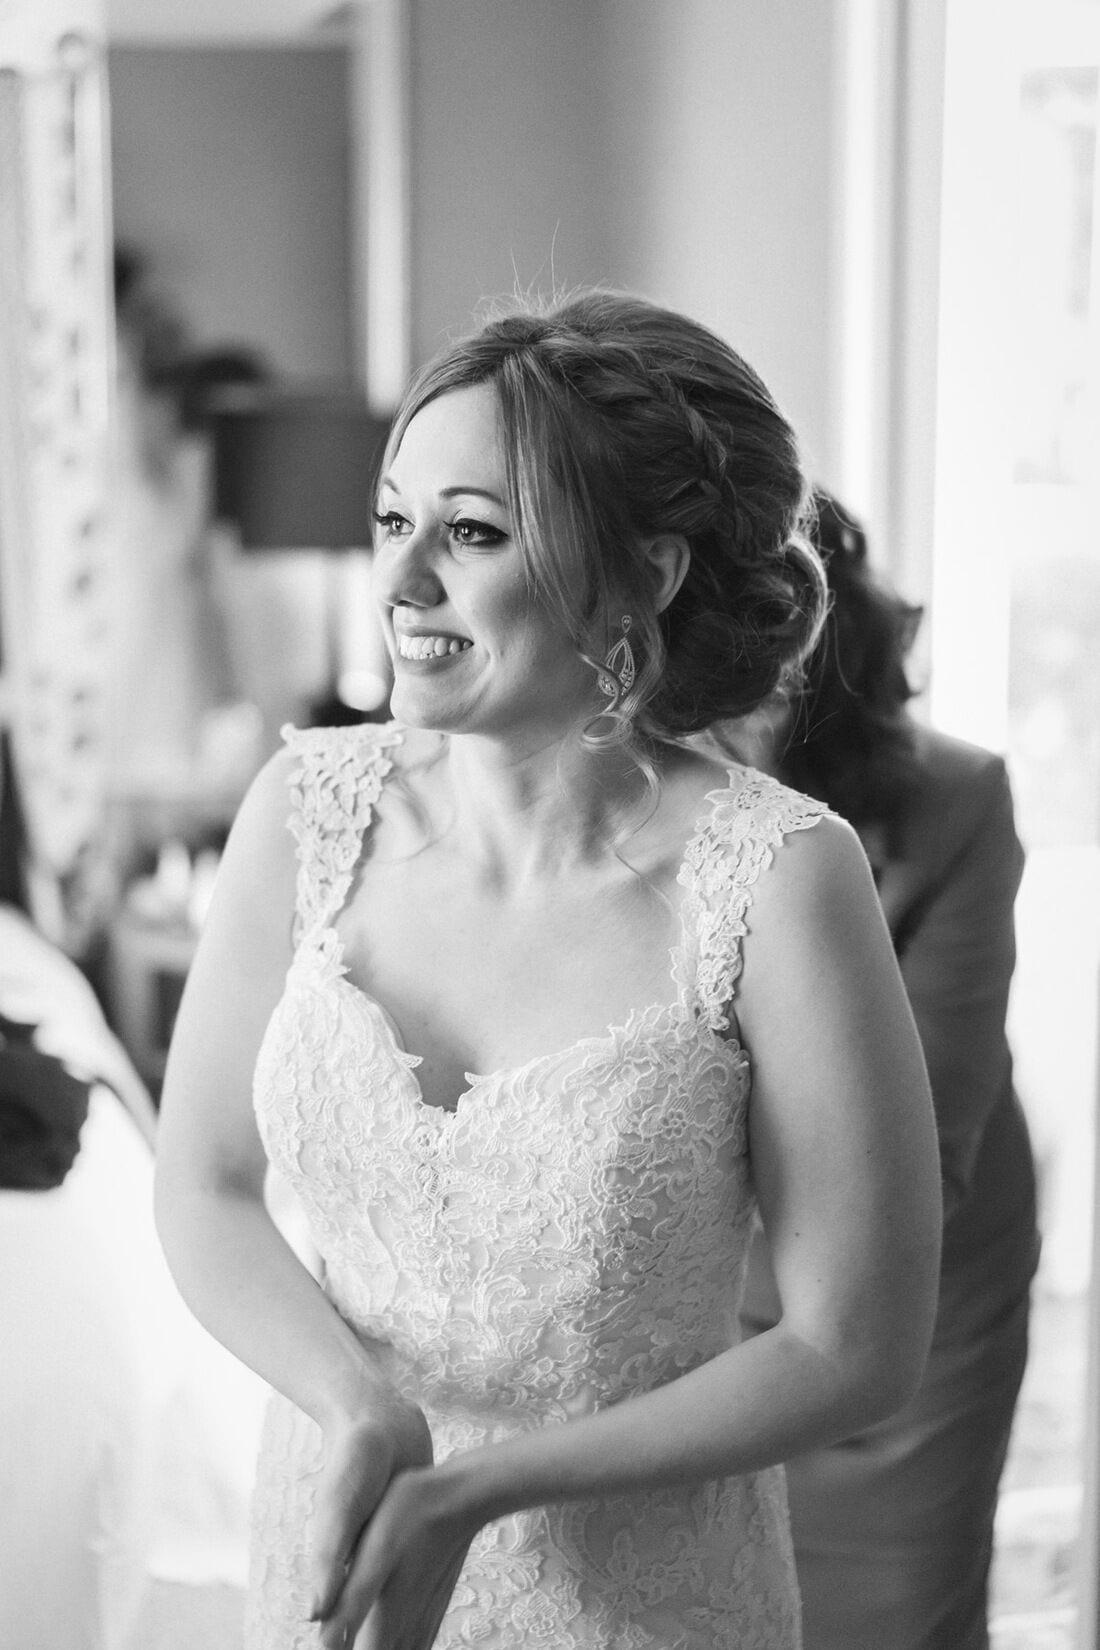 the happy bride in her wedding dress